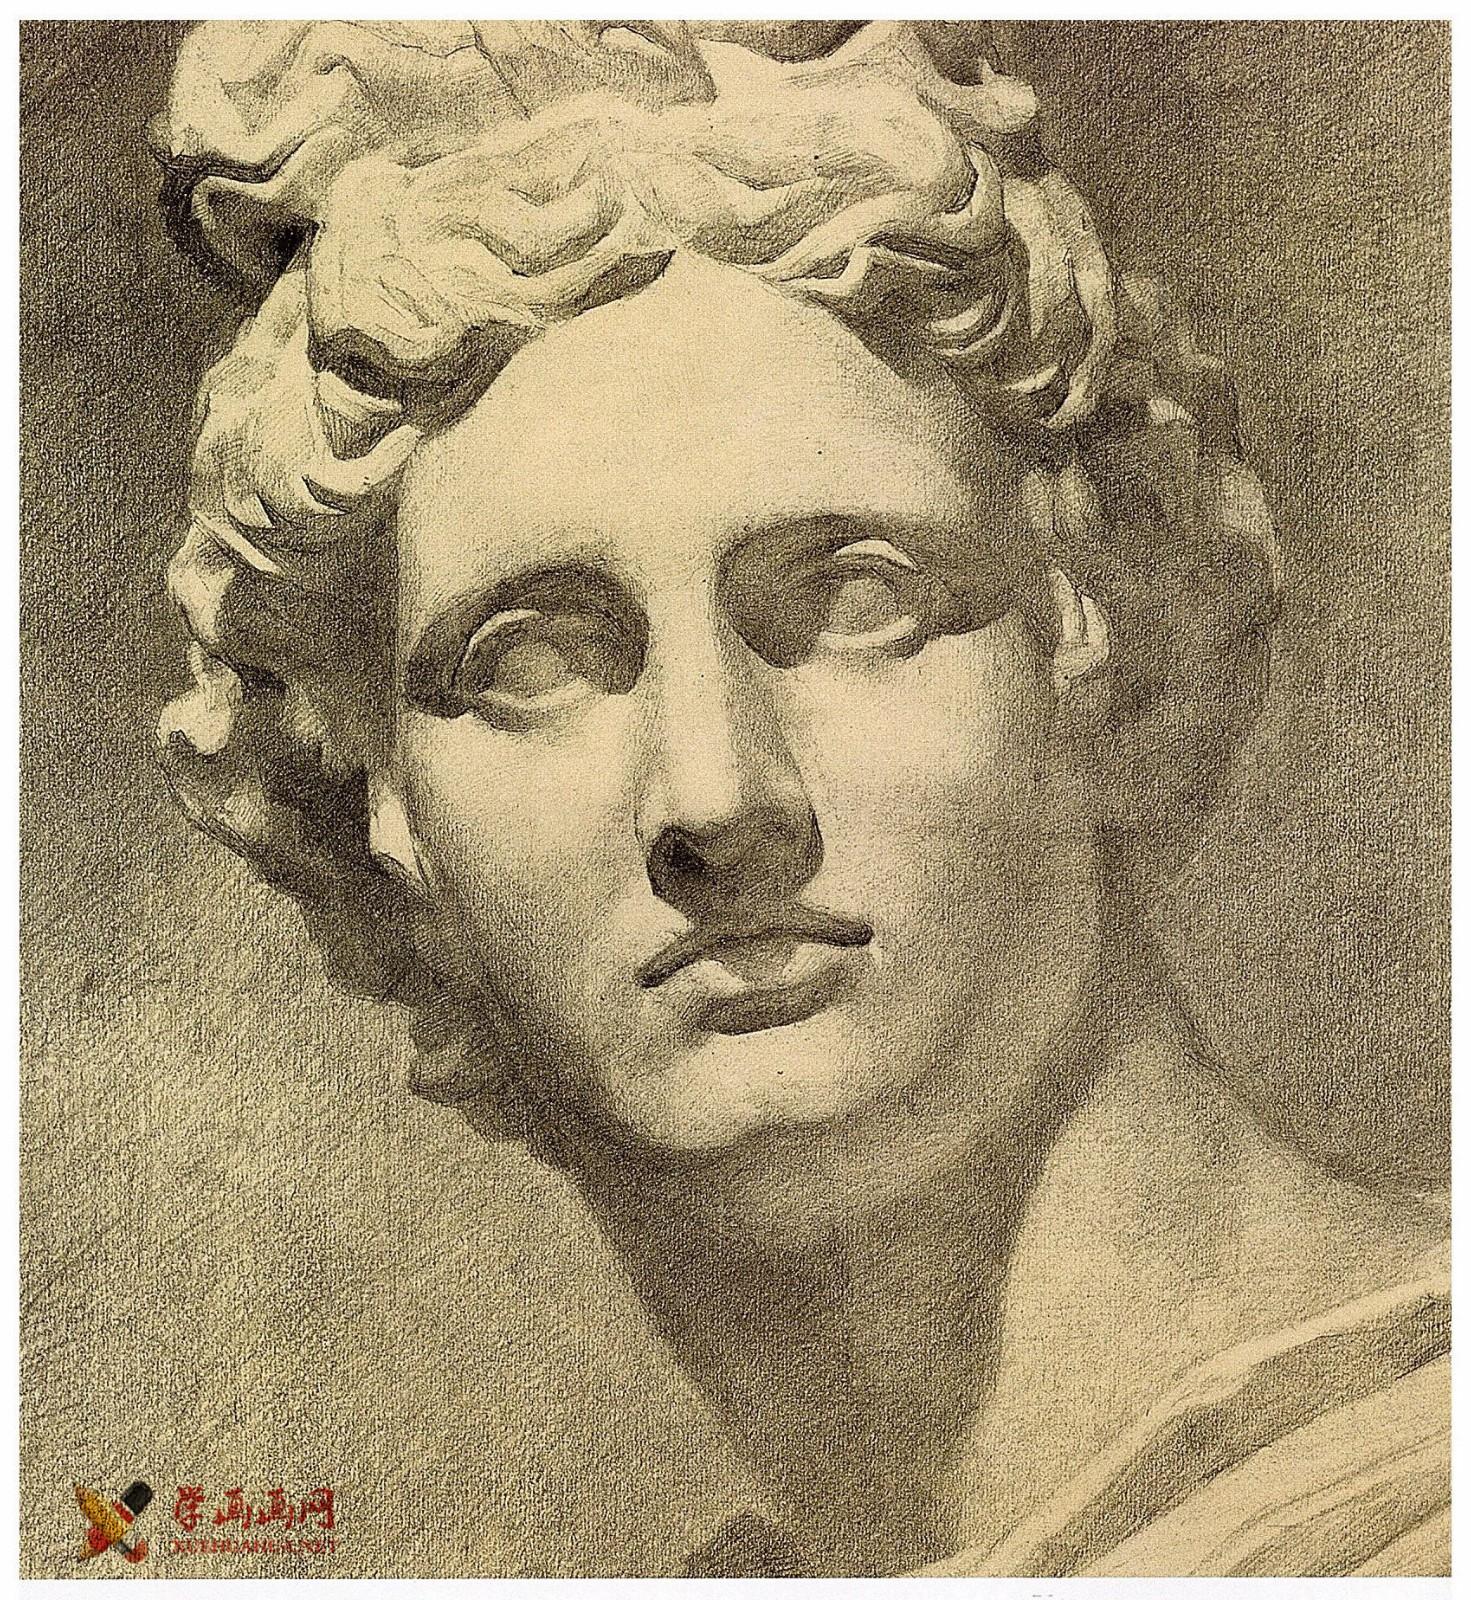 阿波罗素描石膏像优秀范画图片欣赏(2)